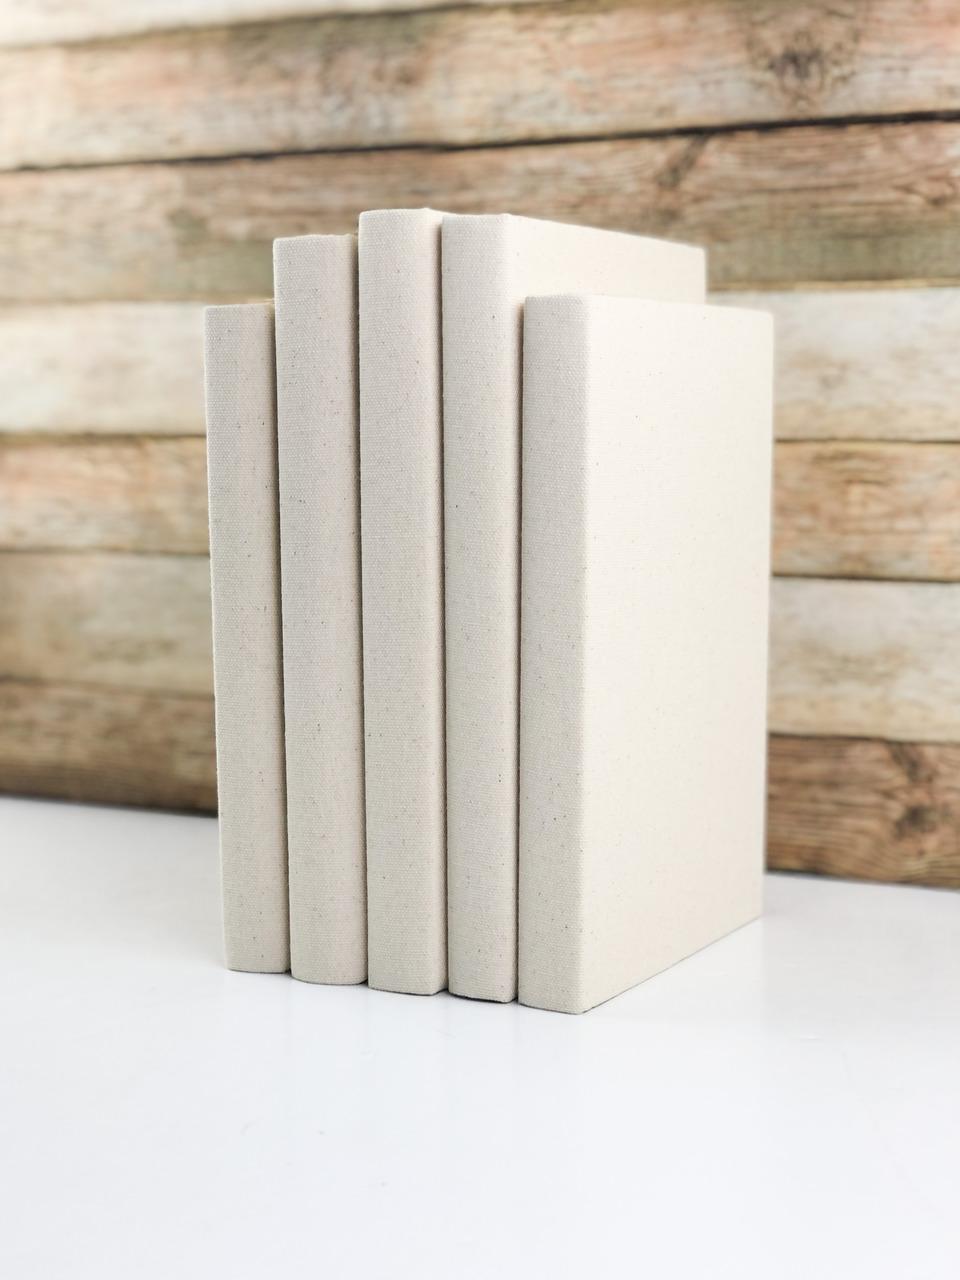 Decorative Books, Solid Cream, Set of 3